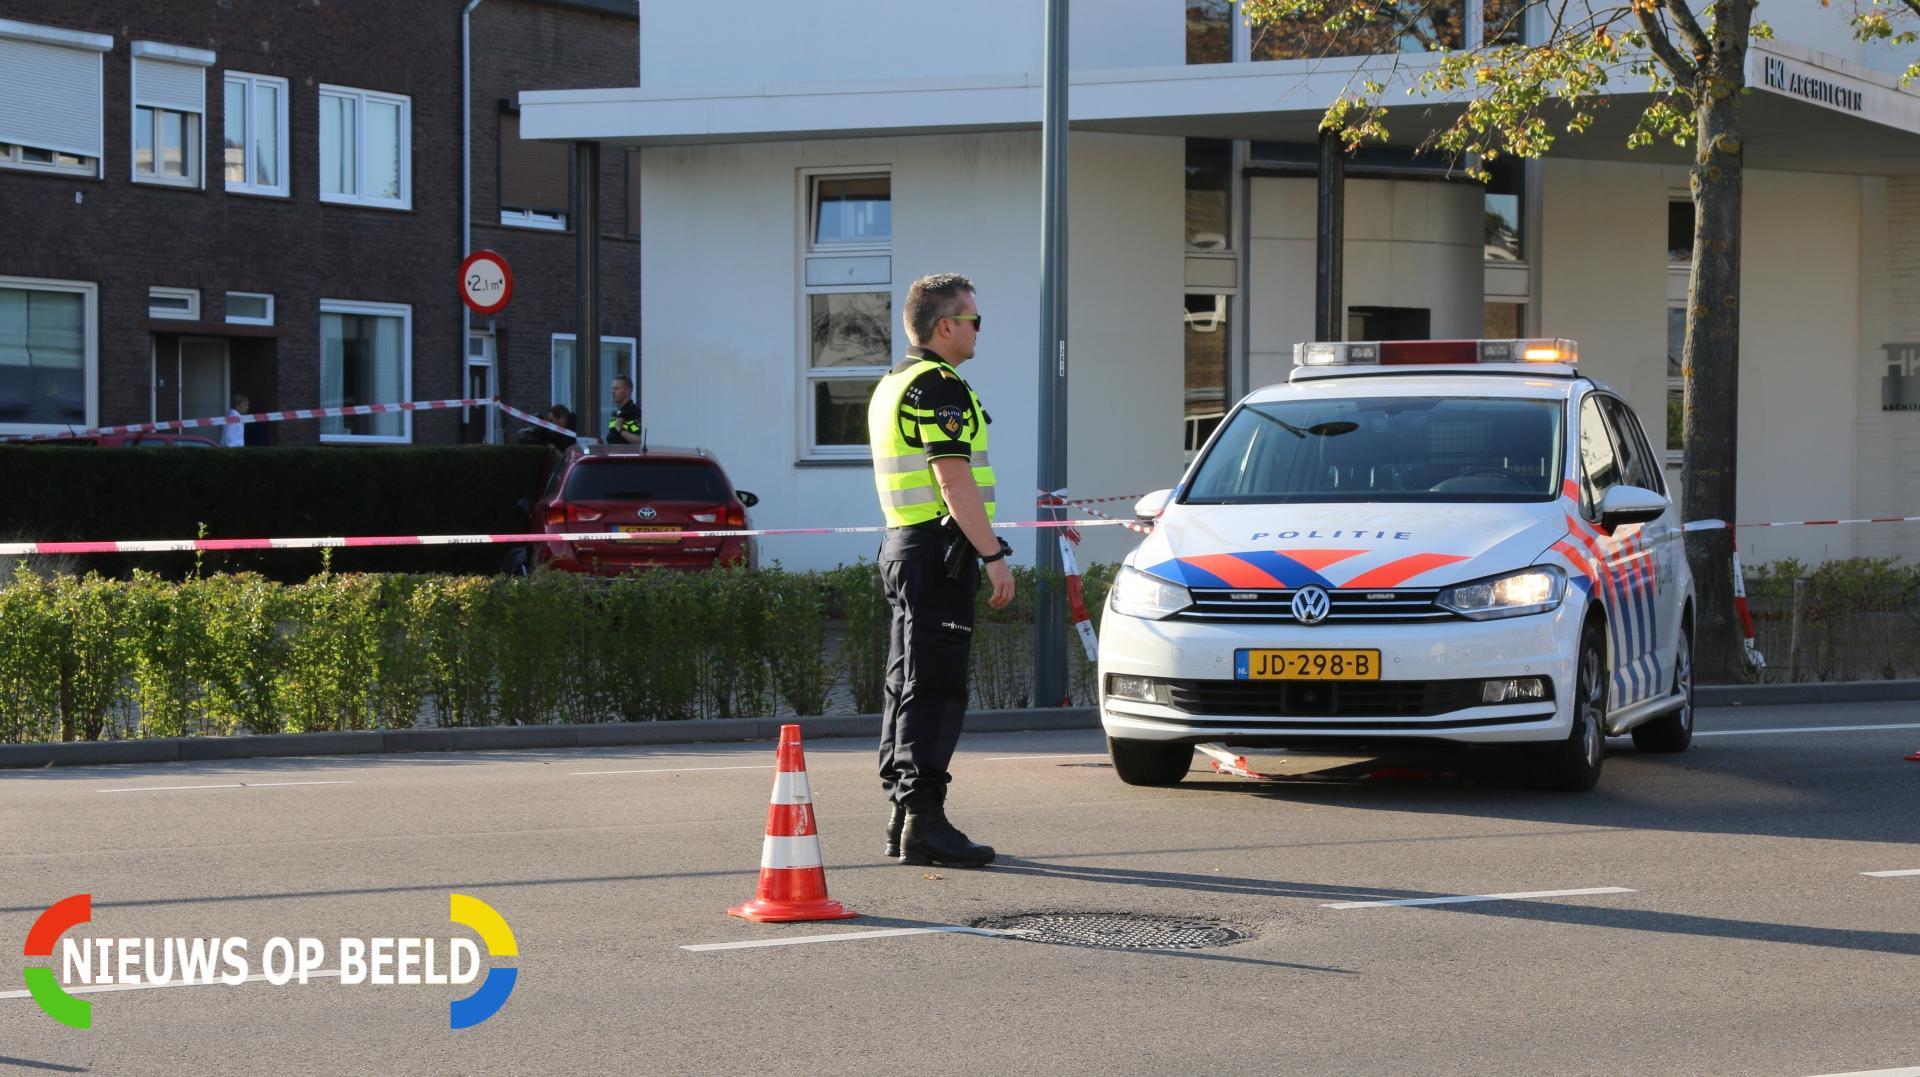 Gewonden bij aanrijding tussen politieauto en personenauto Vouerweg Sittard